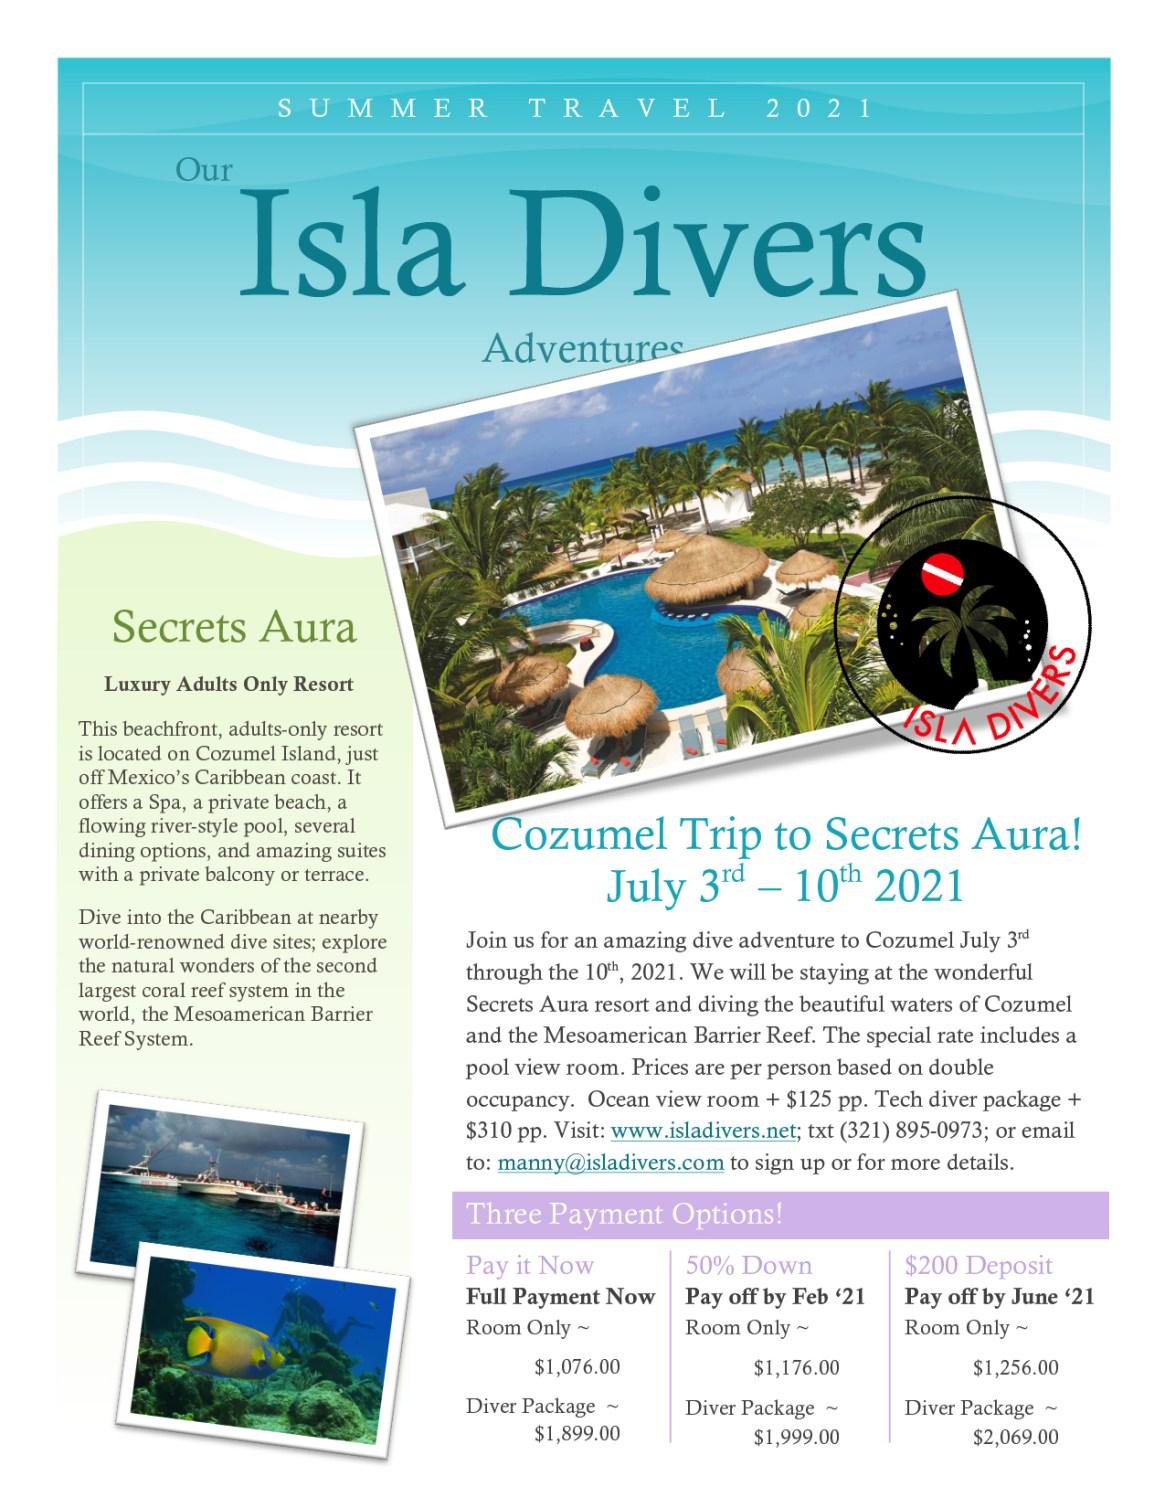 IslaDivers_Travel_Sum2021-01